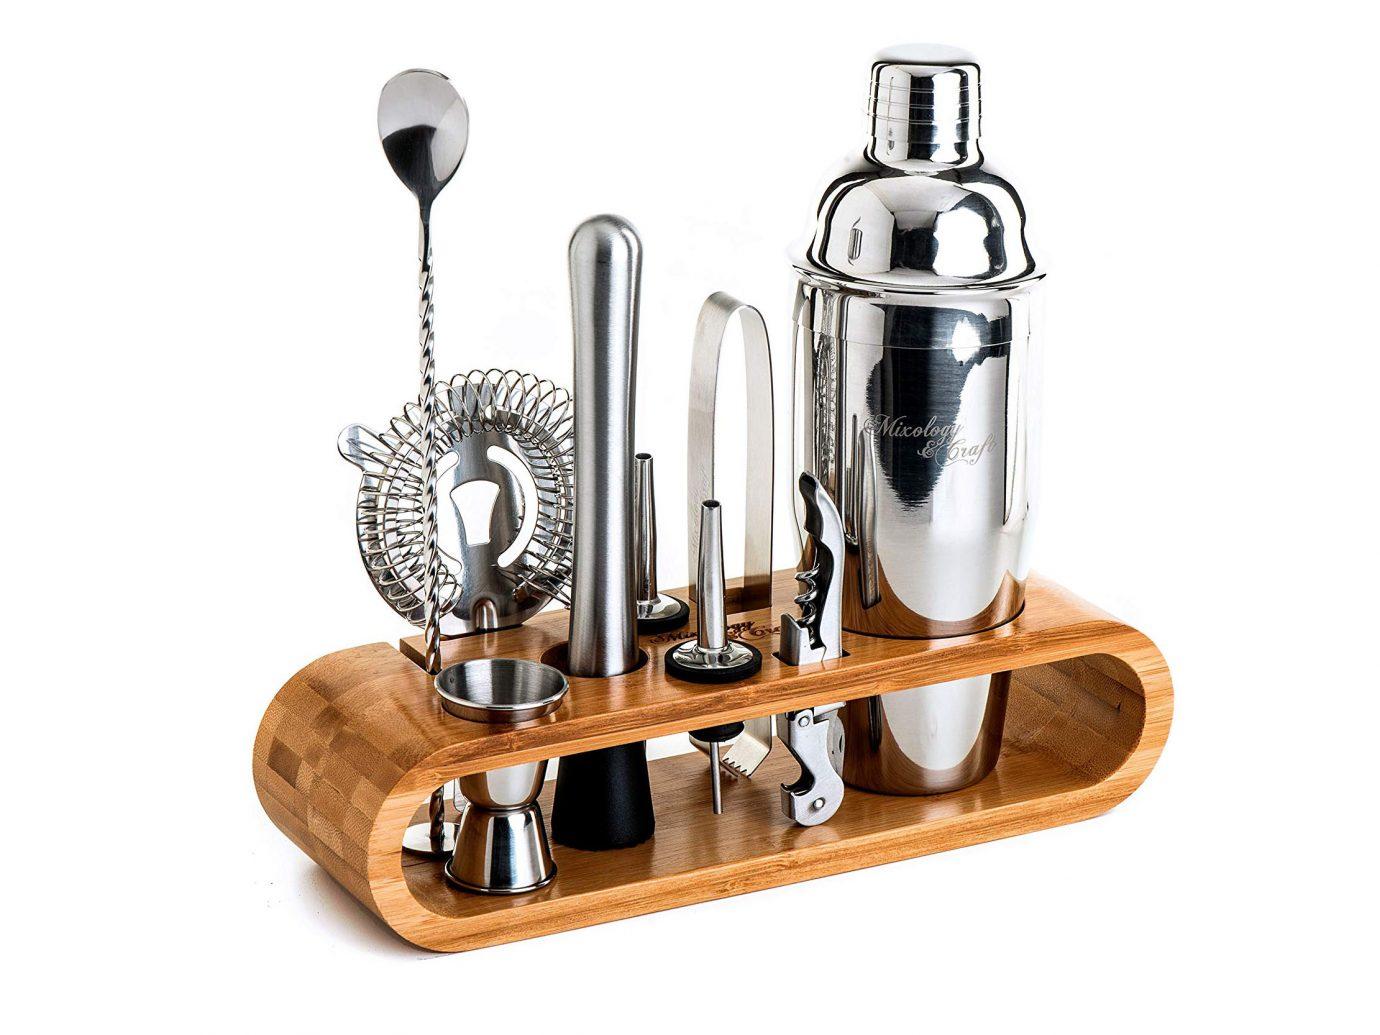 10-Piece Bar Tool Set